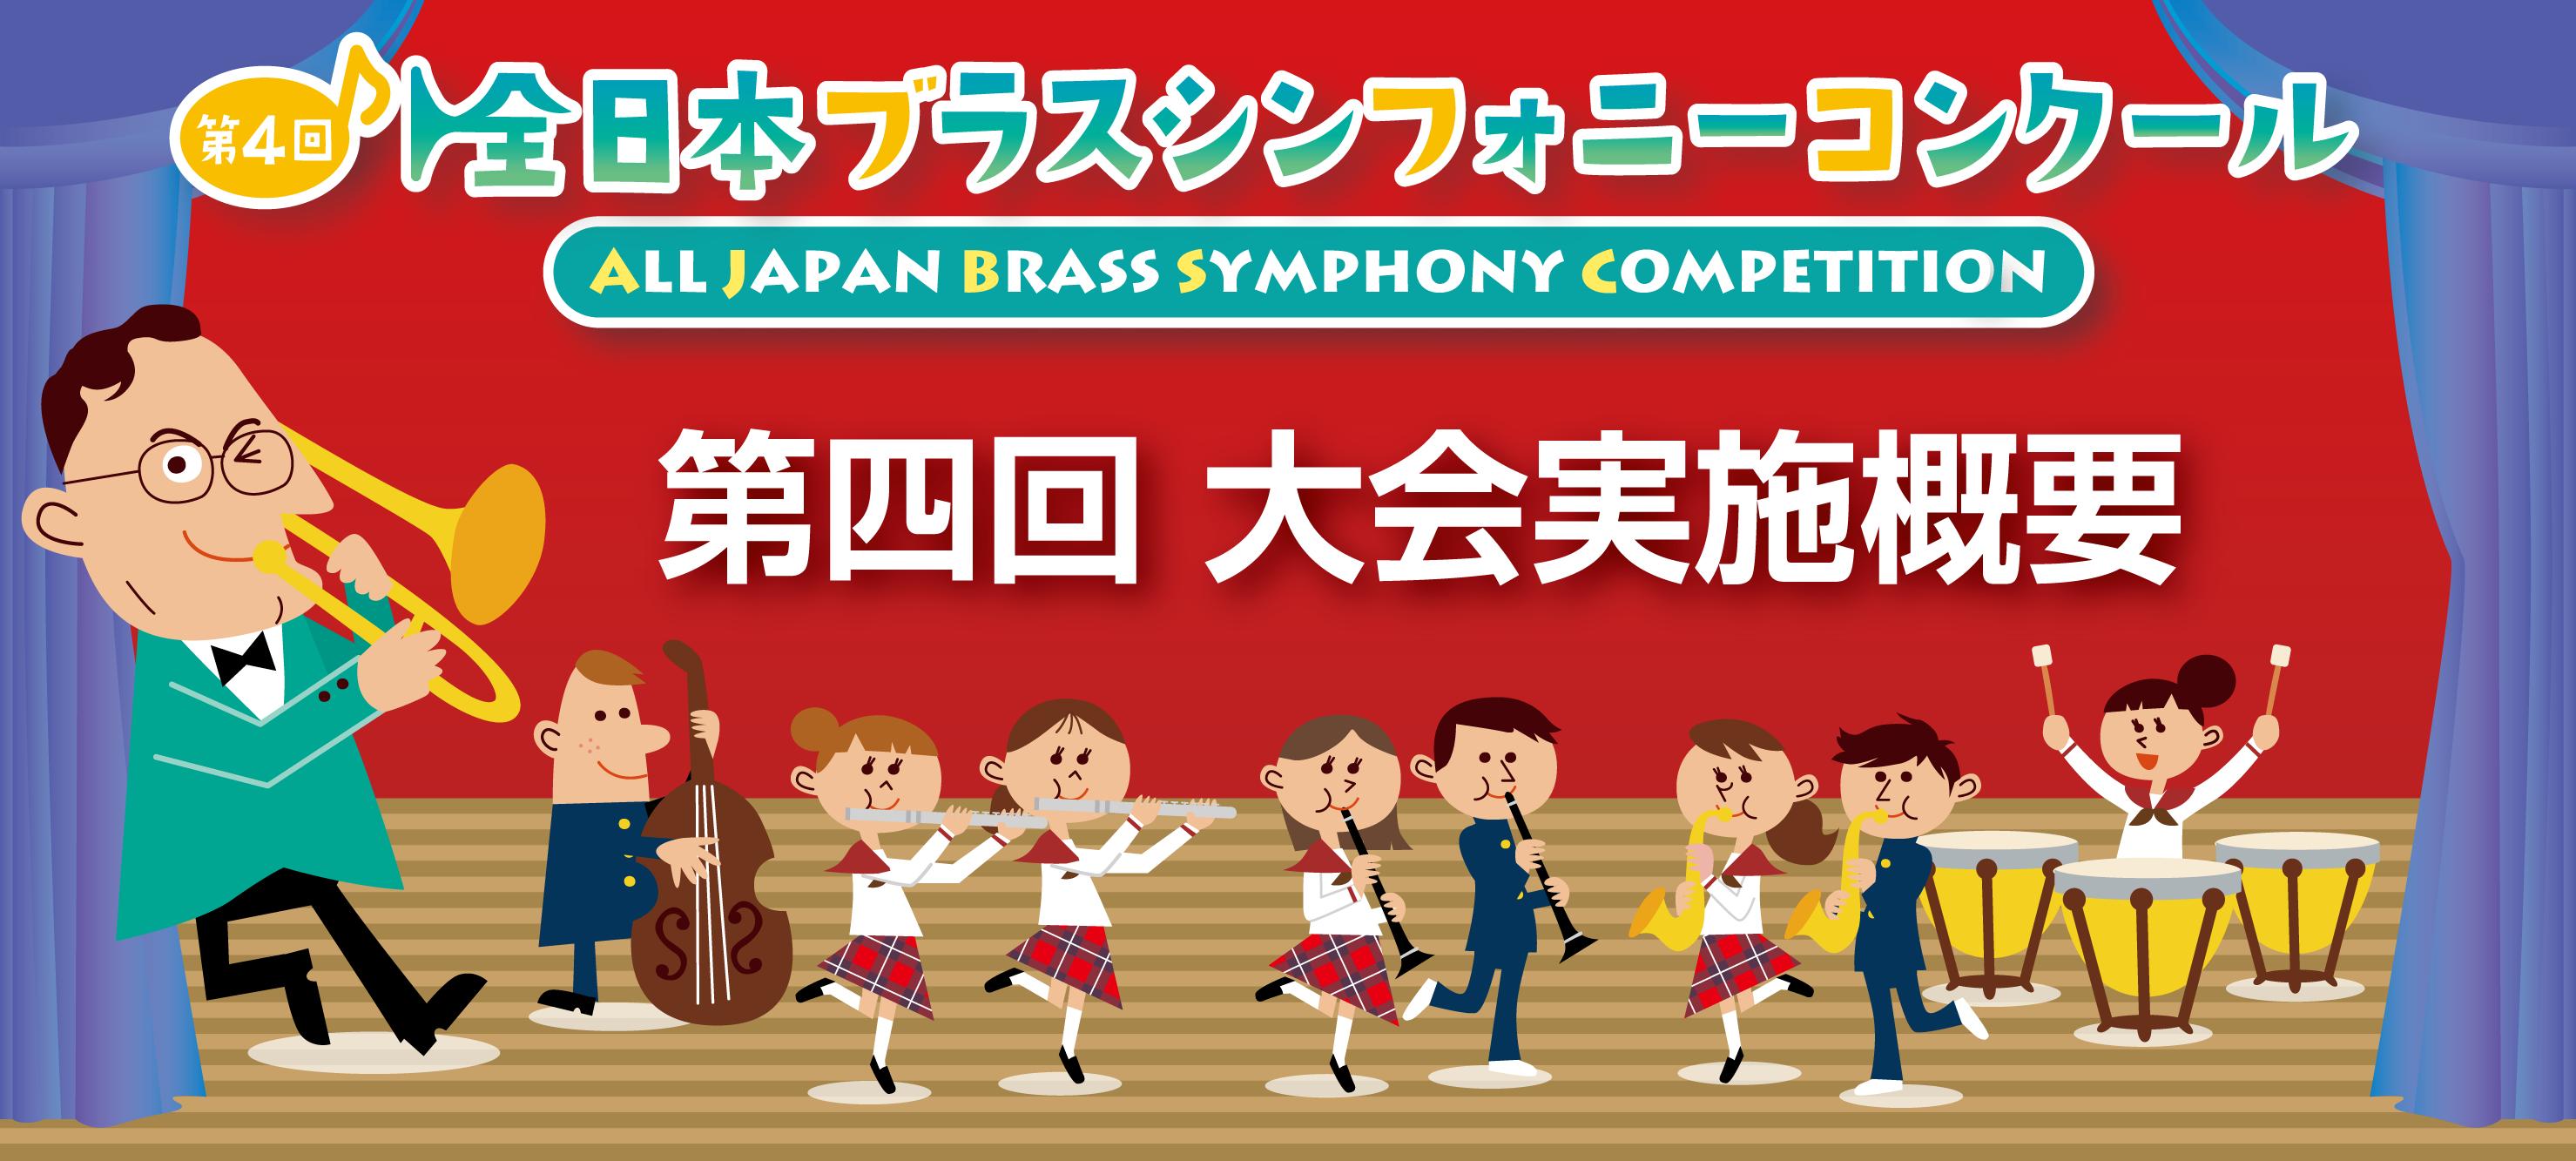 第4回 全日本ブラスシンフォニーコンクール 4th ALL JAPAN BRASS SYMPHONY COMPETITION 大会実施概要